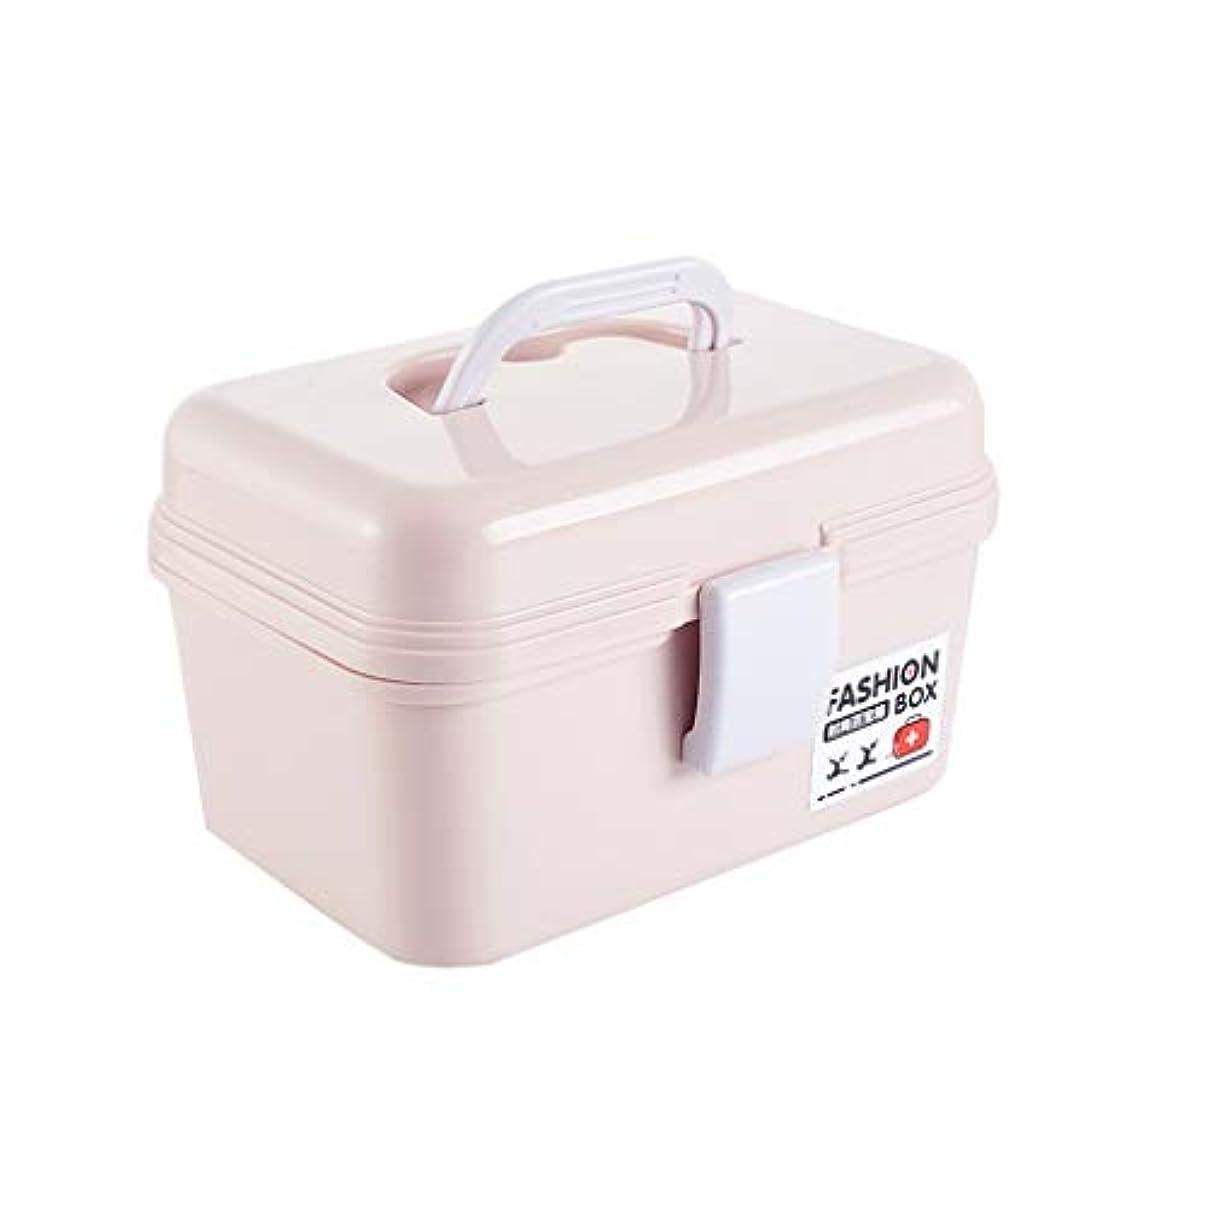 はさみ苦痛ホールドYYFRB 家族用の予備の薬箱、多層の薬の収納箱、家族用救急箱 医学パッケージ (Color : Pink)